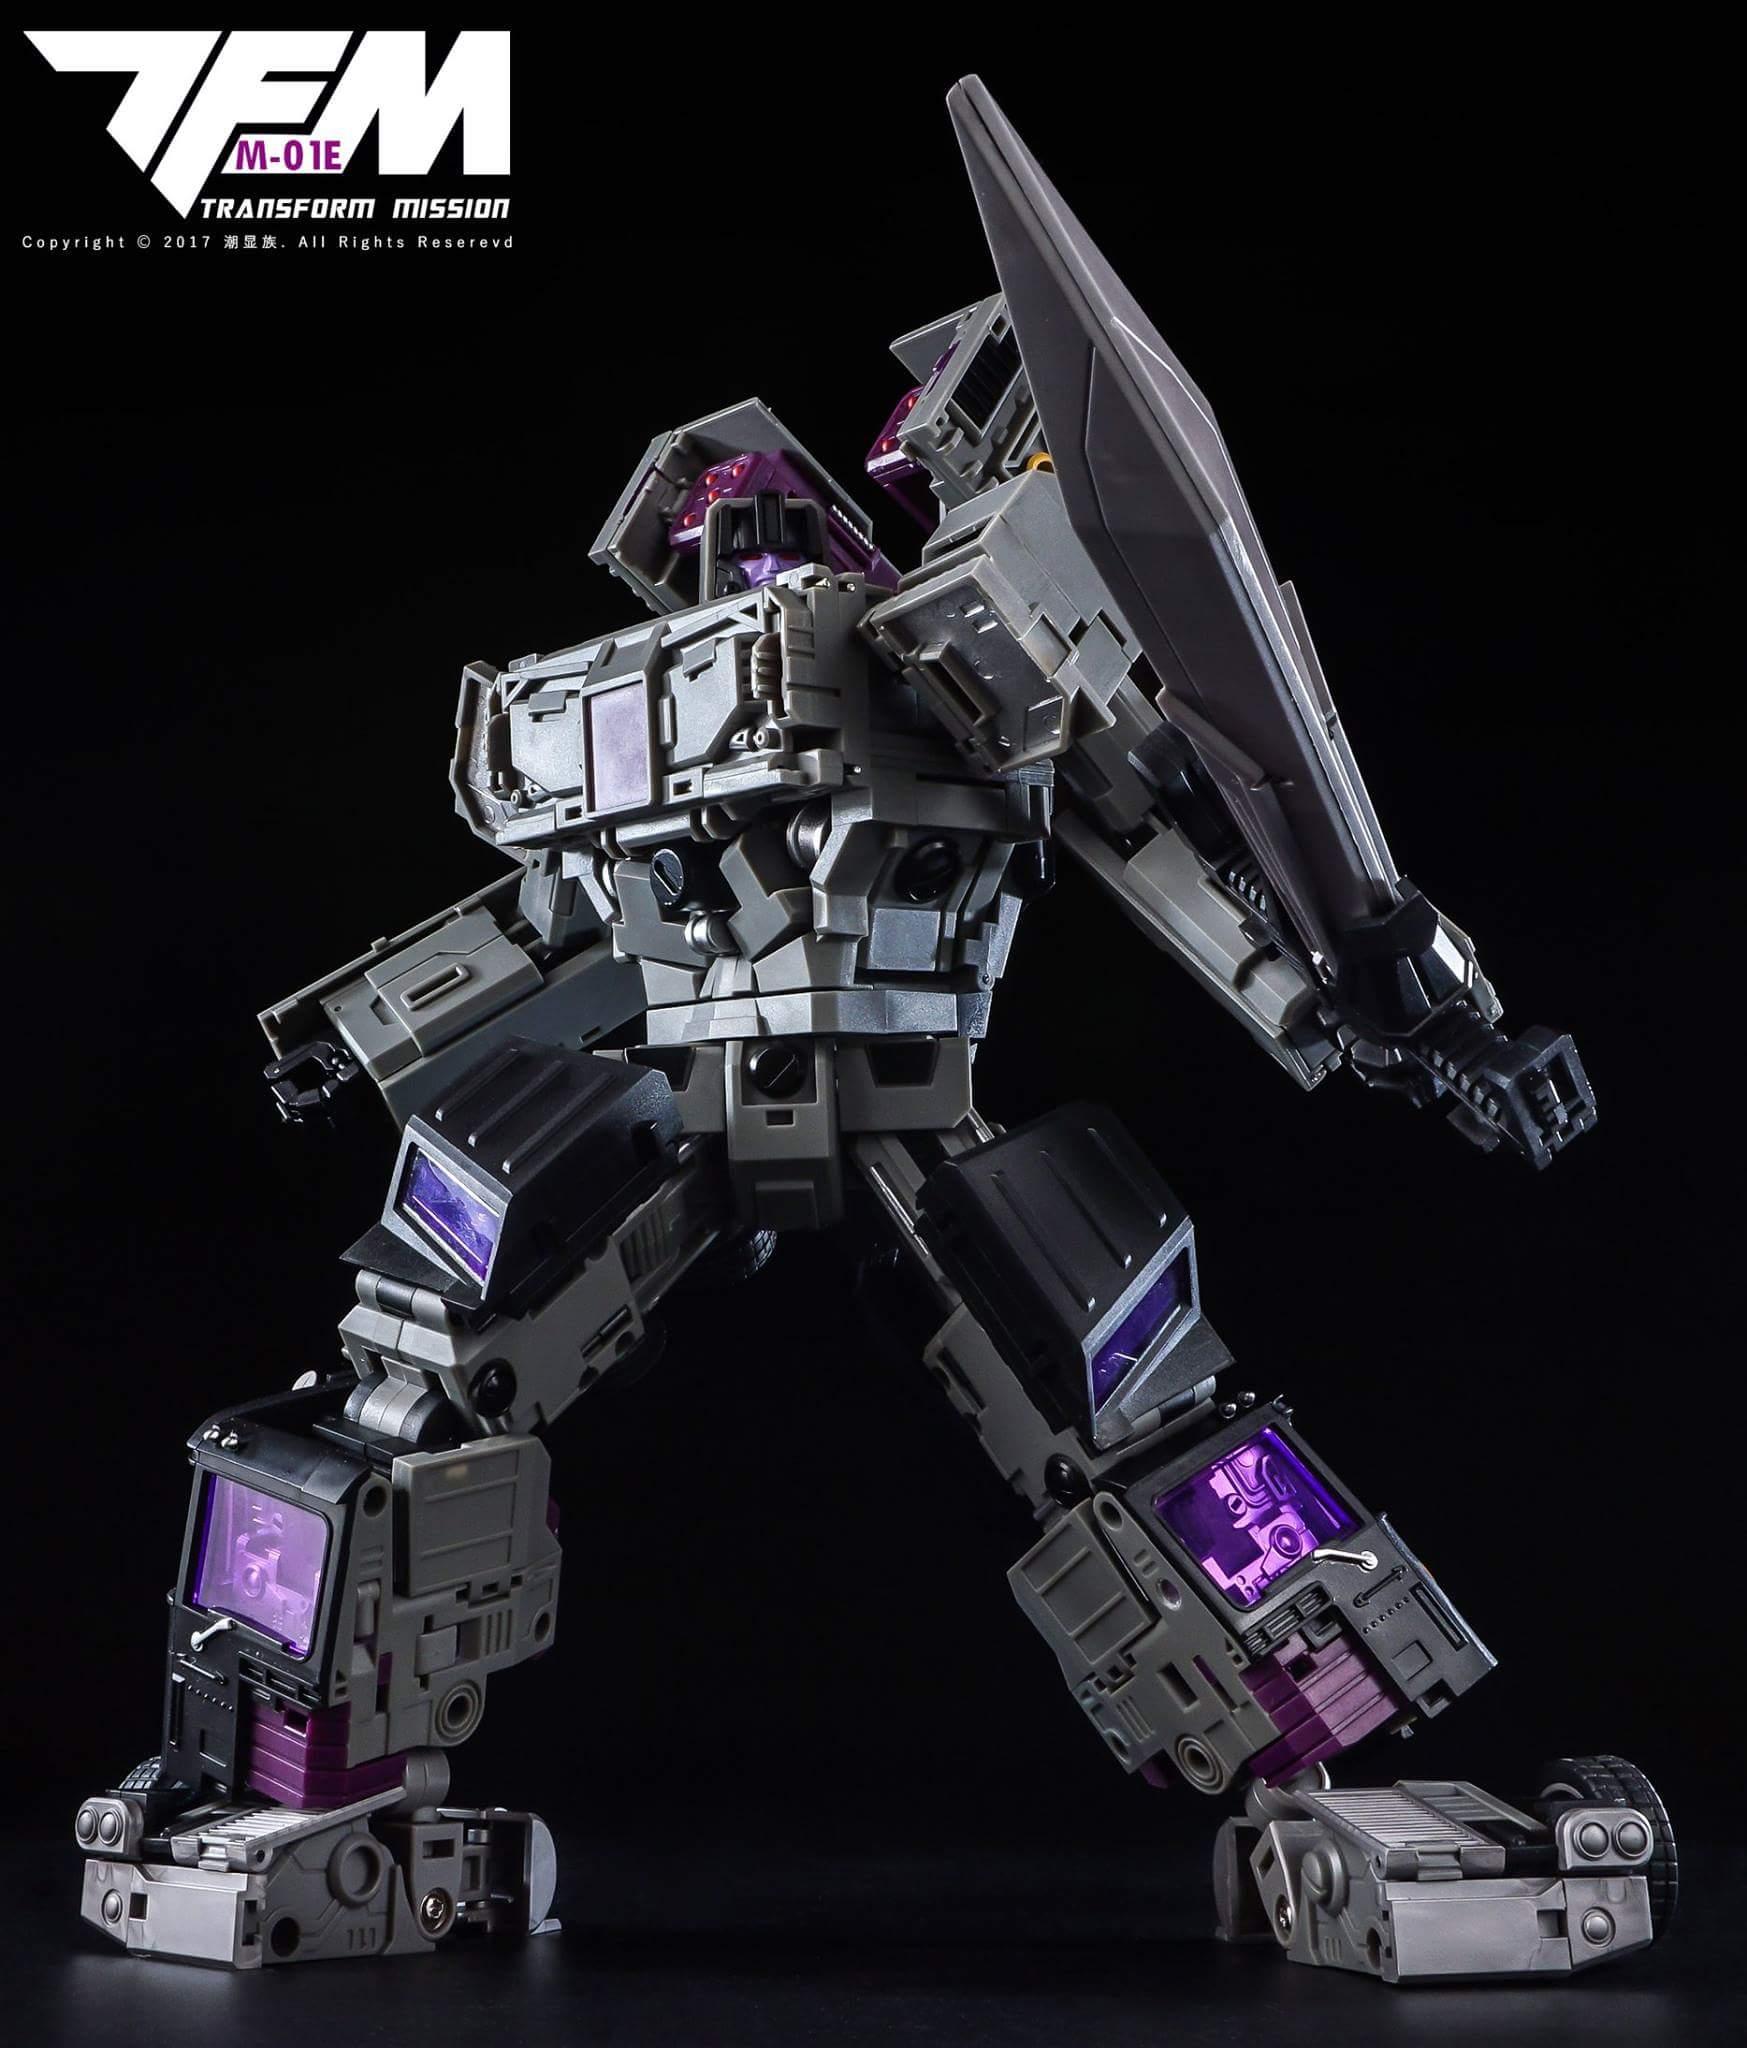 [Transform Mission] Produit Tiers - Jouet M-01 AutoSamurai - aka Menasor/Menaseur des BD IDW - Page 4 YgnOS3hx